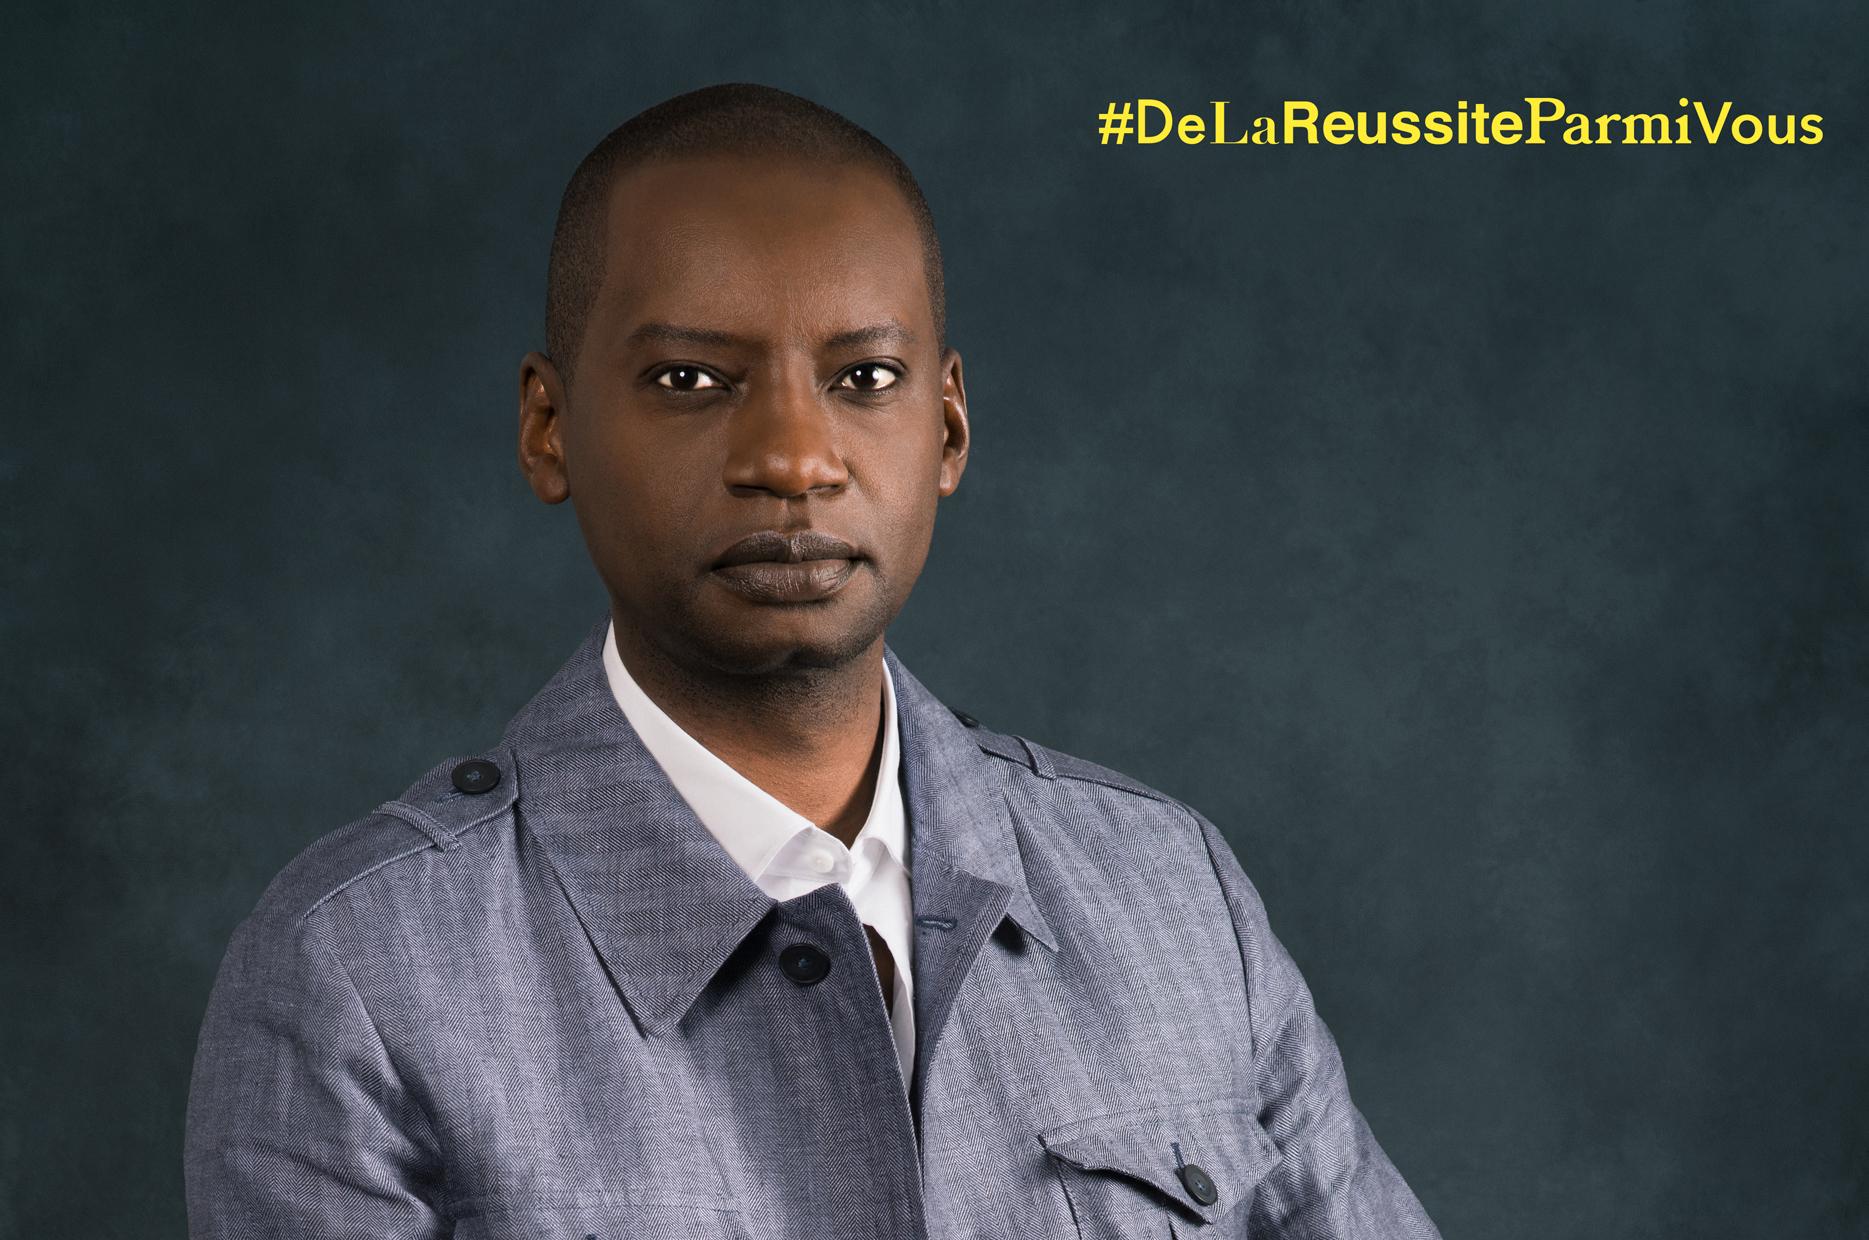 #DeLaReussiteParmiVous vous présente Dorcy Rugamba